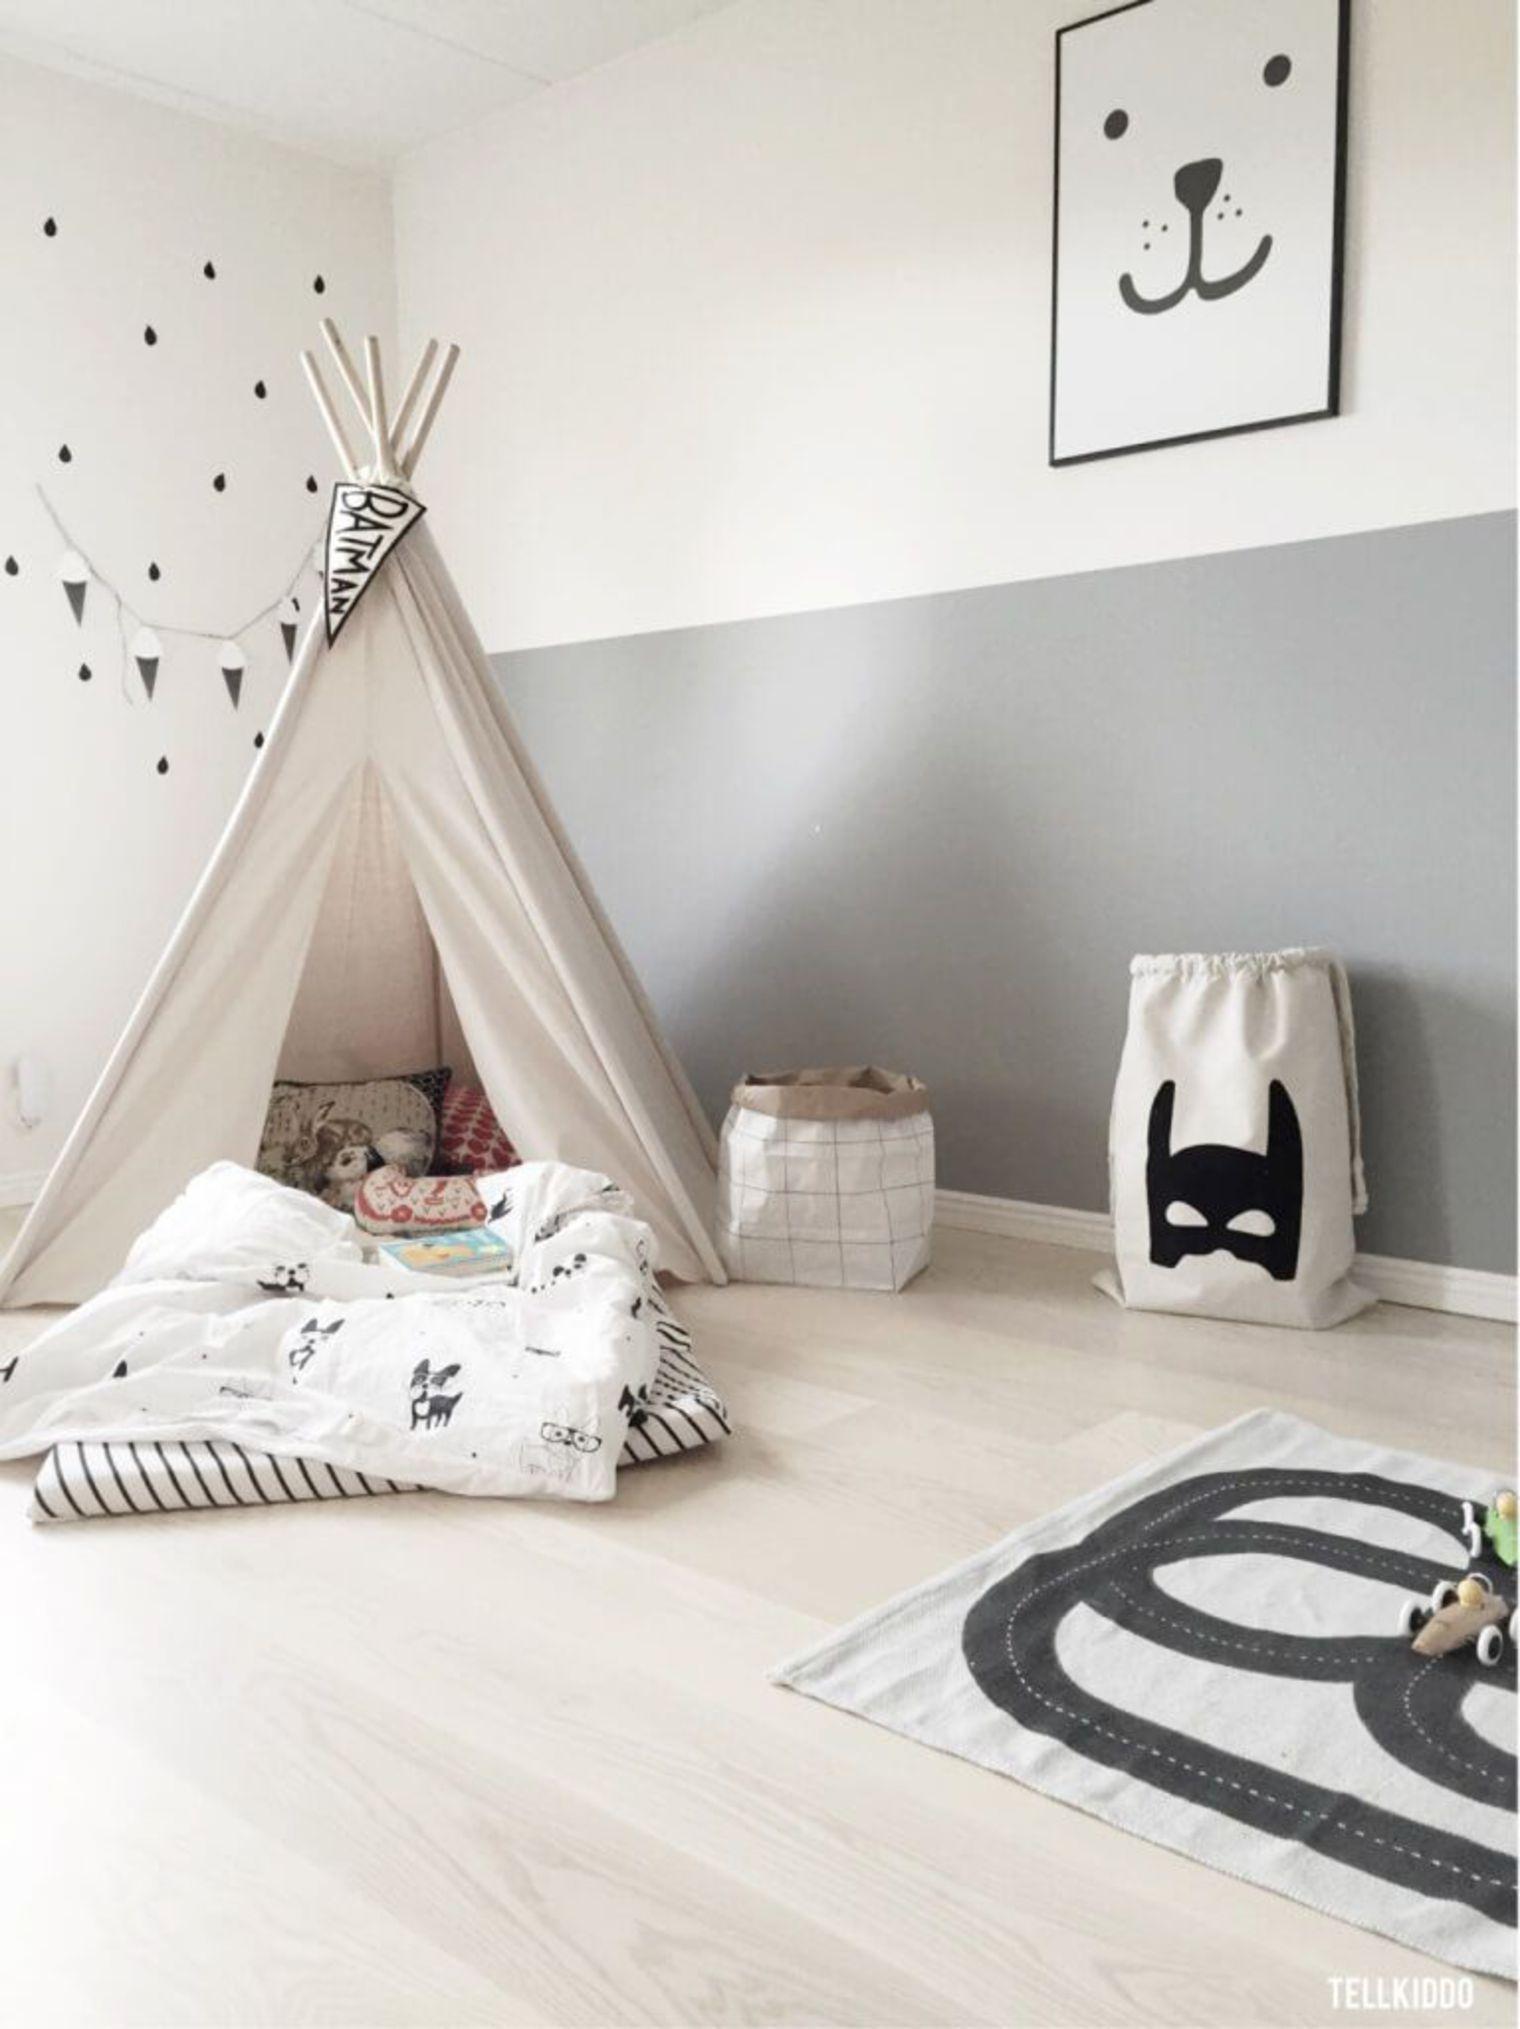 Bunk bed from oliver furniture   danish design www.oliverfurniture ...